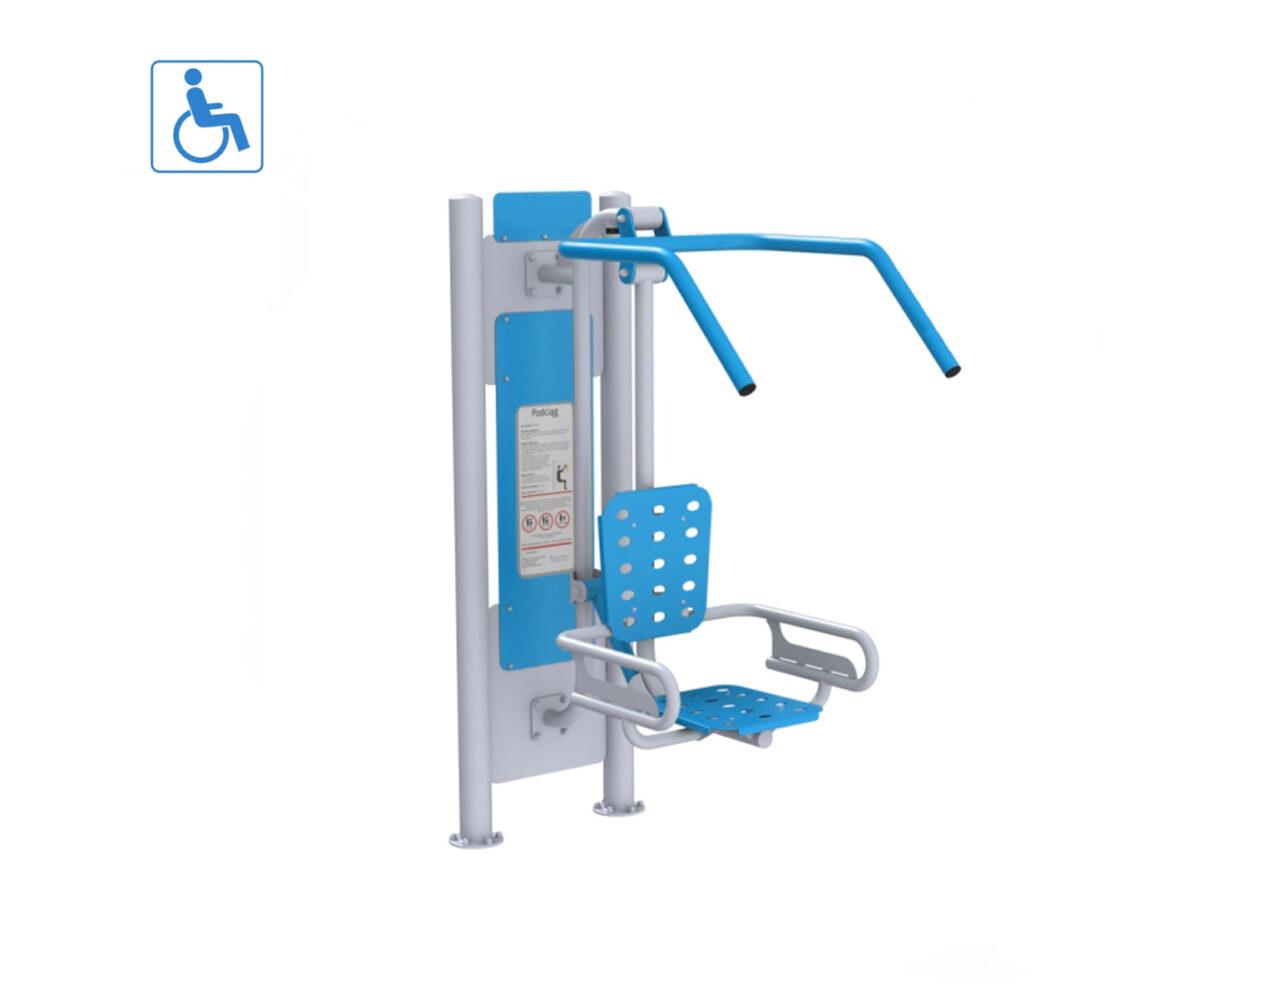 Podciąg dla osób niepełnosprawnych, siłownie zewnętrzne integracyjne dla niepełnosprawnych na place zabaw z atestem